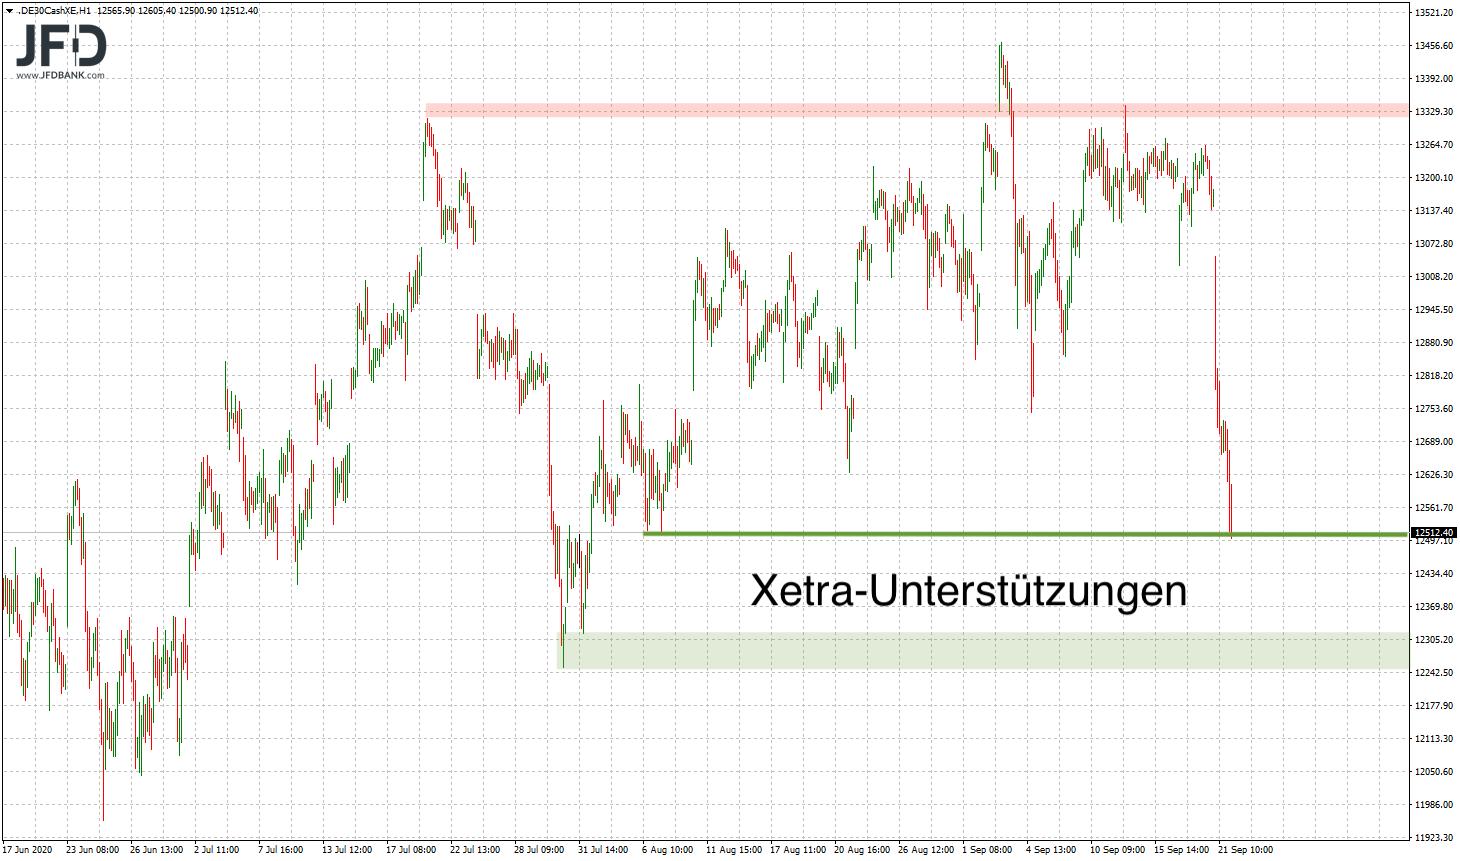 20200922_dax_xetra_unterstu__tzung.png